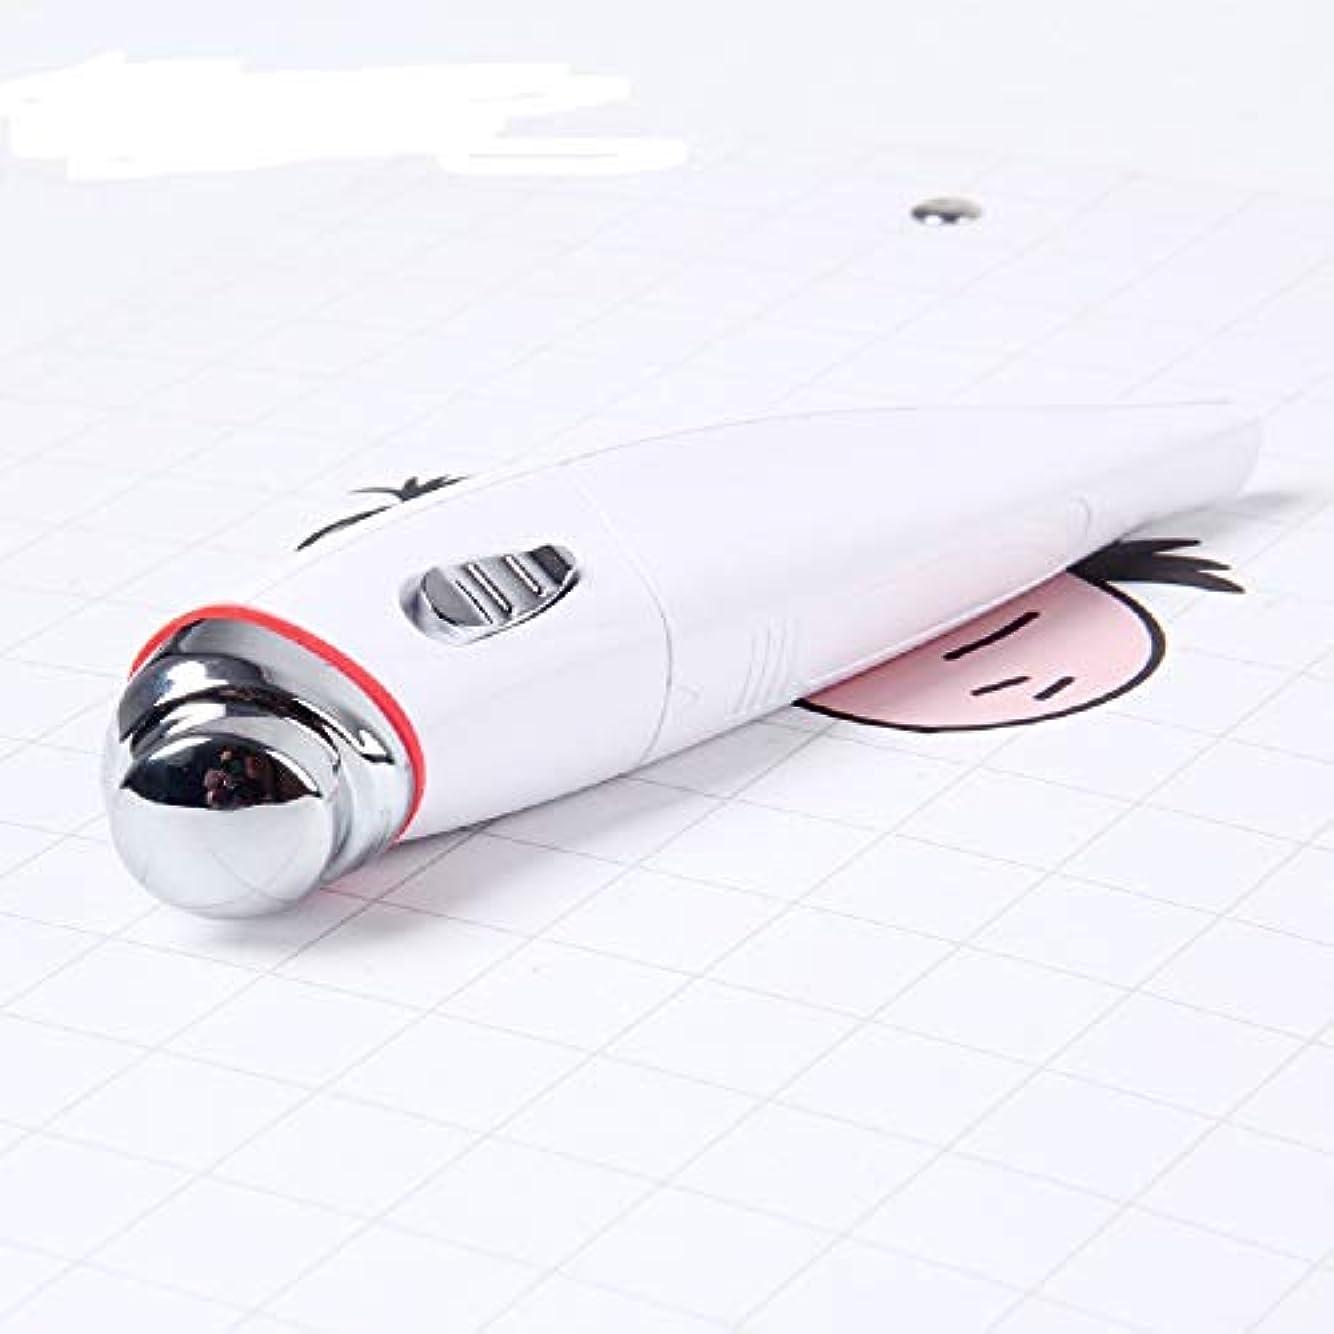 注釈計算はっきりしないMeet now 振動マッサージ電動アイマッサージャー、振動マッサージ美容器具 品質保証